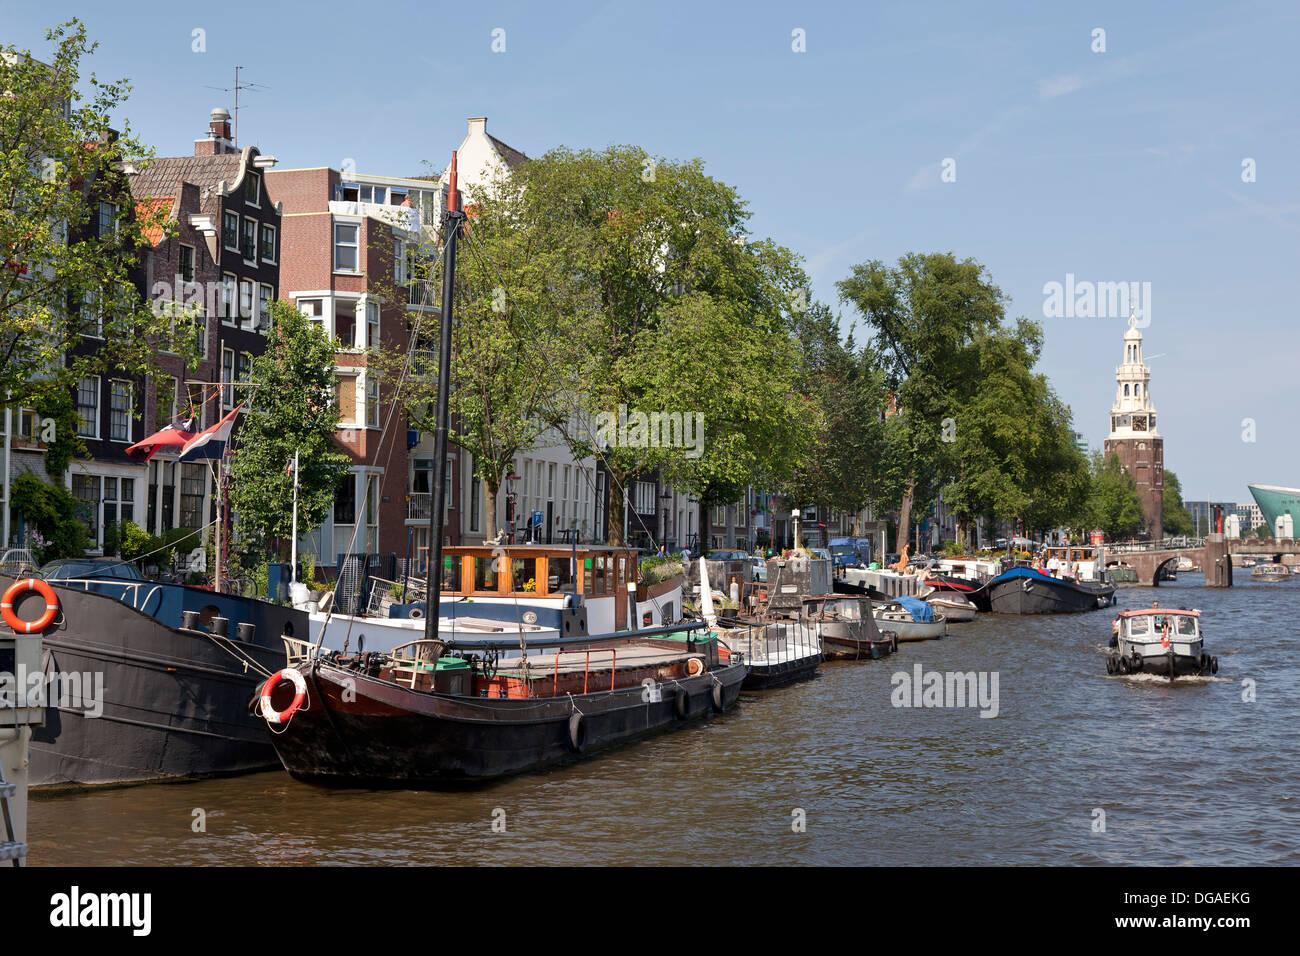 Schiffe im Kanal von Amsterdam mit im Hintergrund der Montalbaan-Turm Stockbild